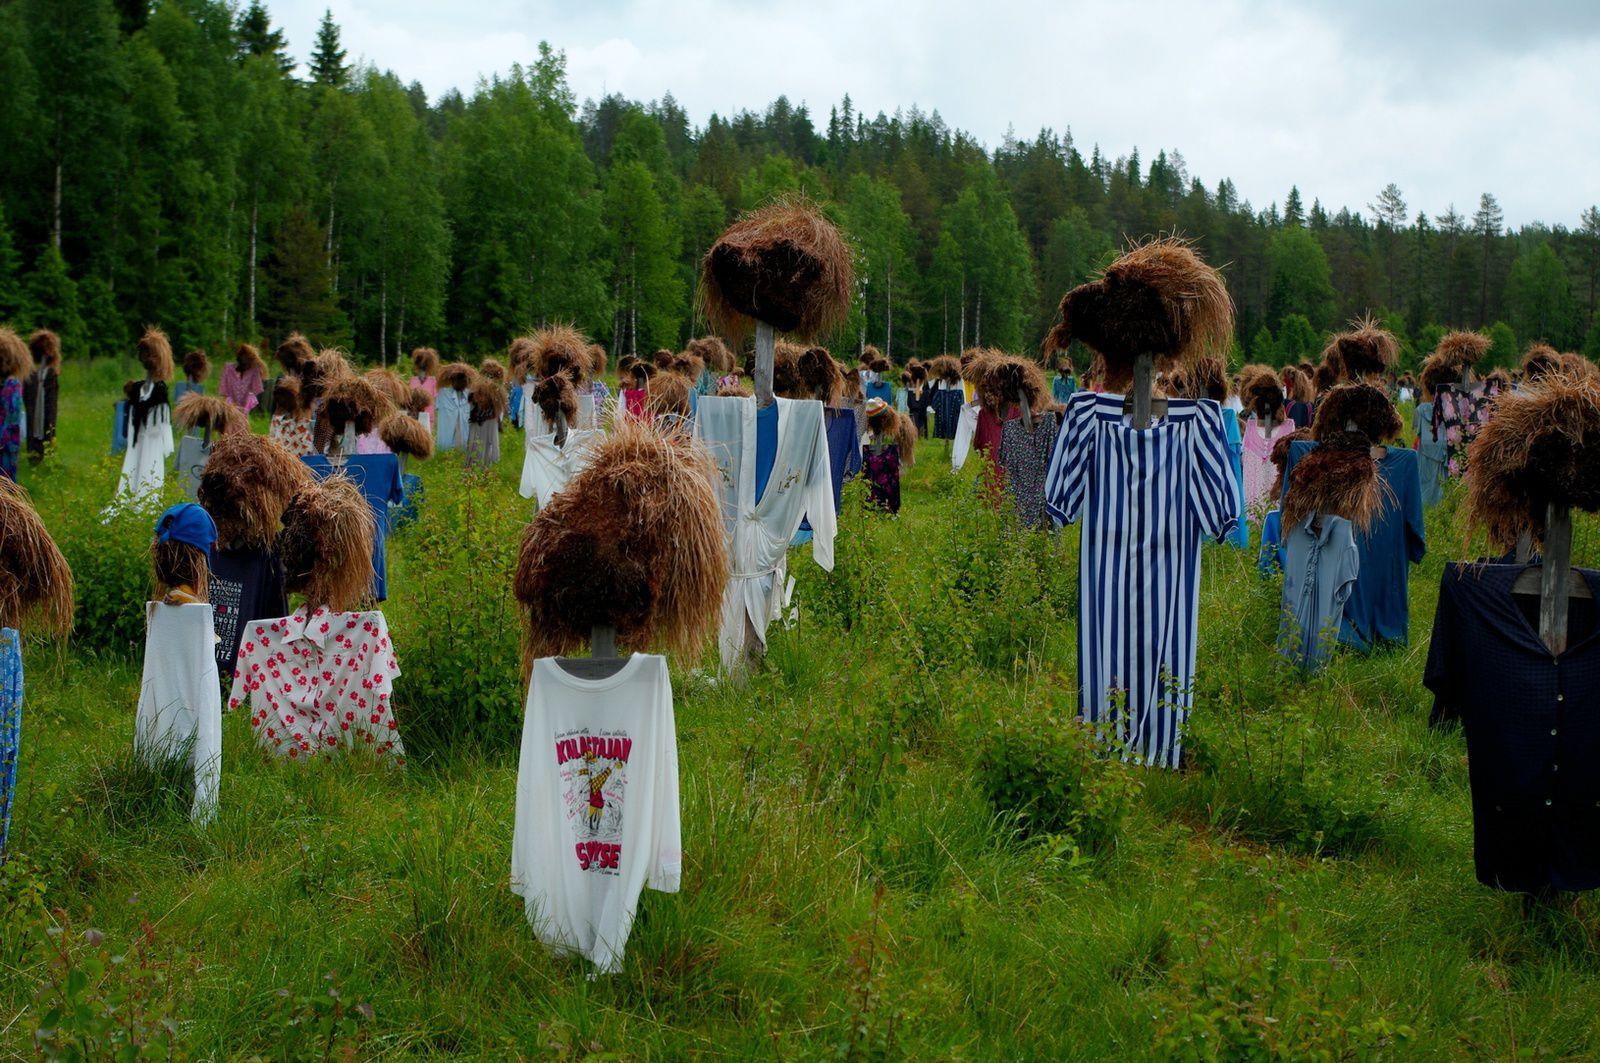 finlande: dans les environs de suomussalmi